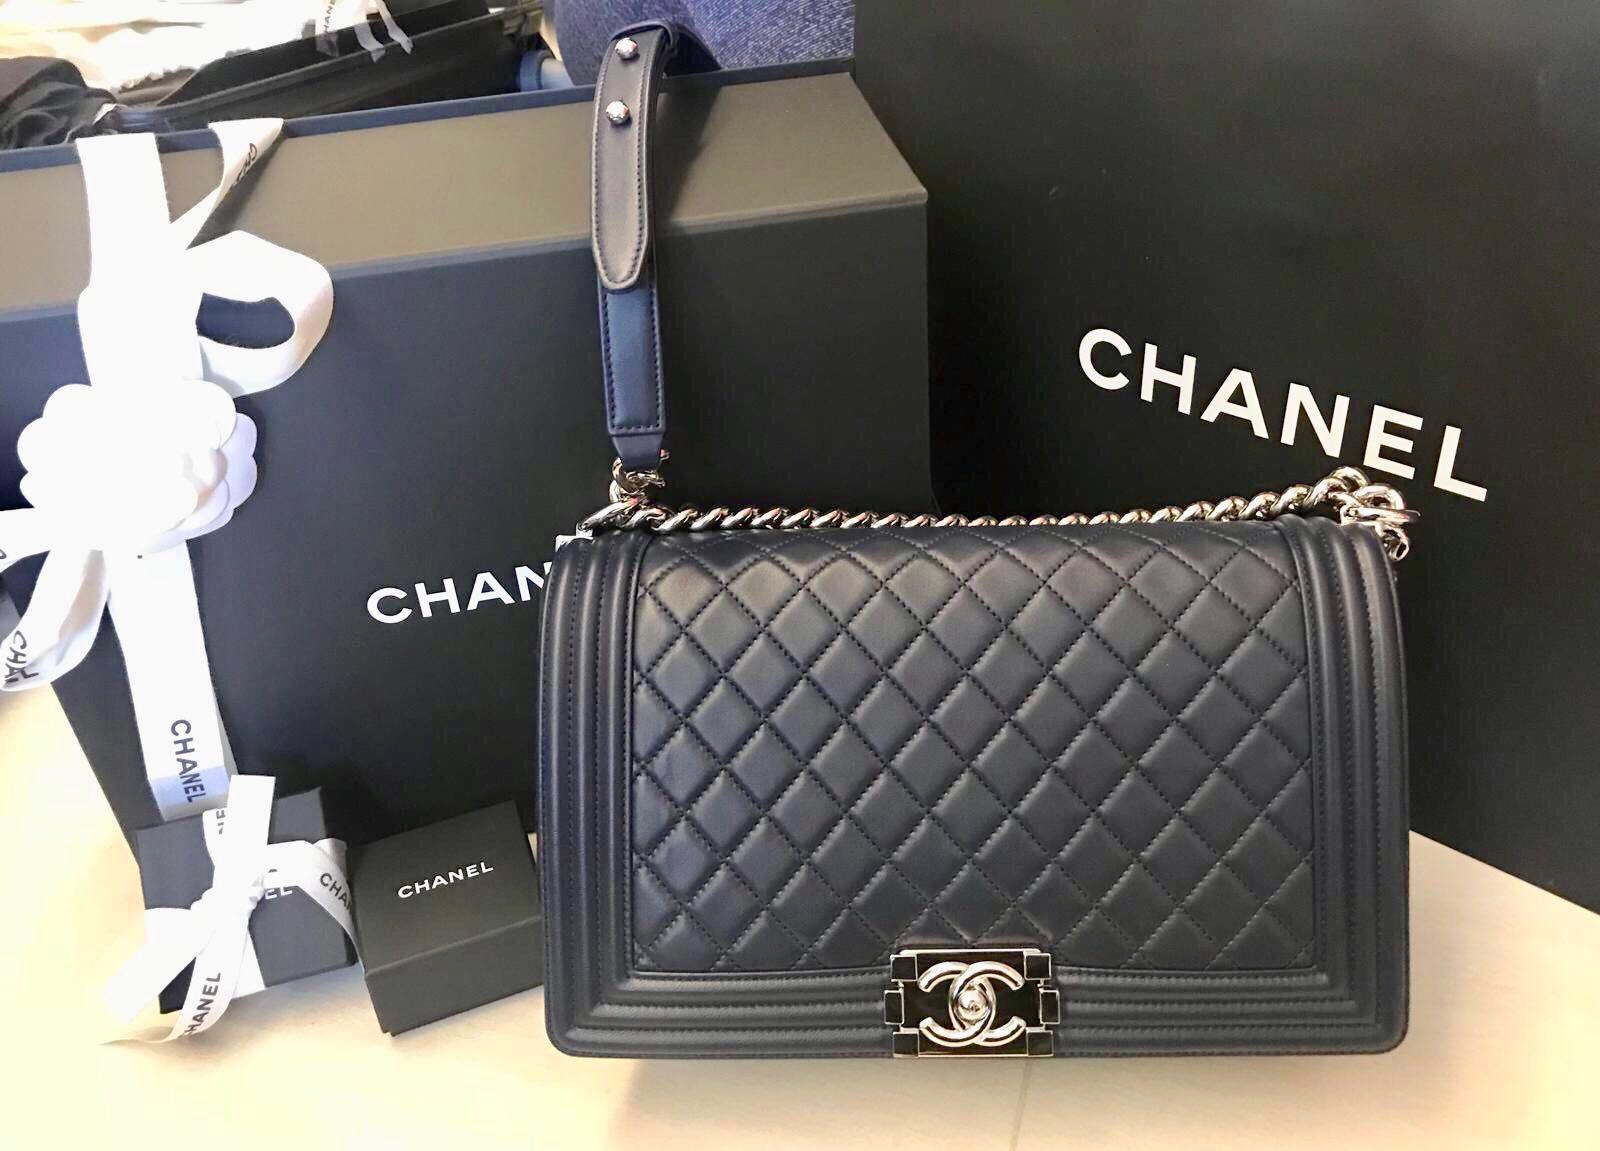 8a1ae0c0c3ab Chanel boy medium-dark blue, Luxury, Bags & Wallets, Handbags on ...